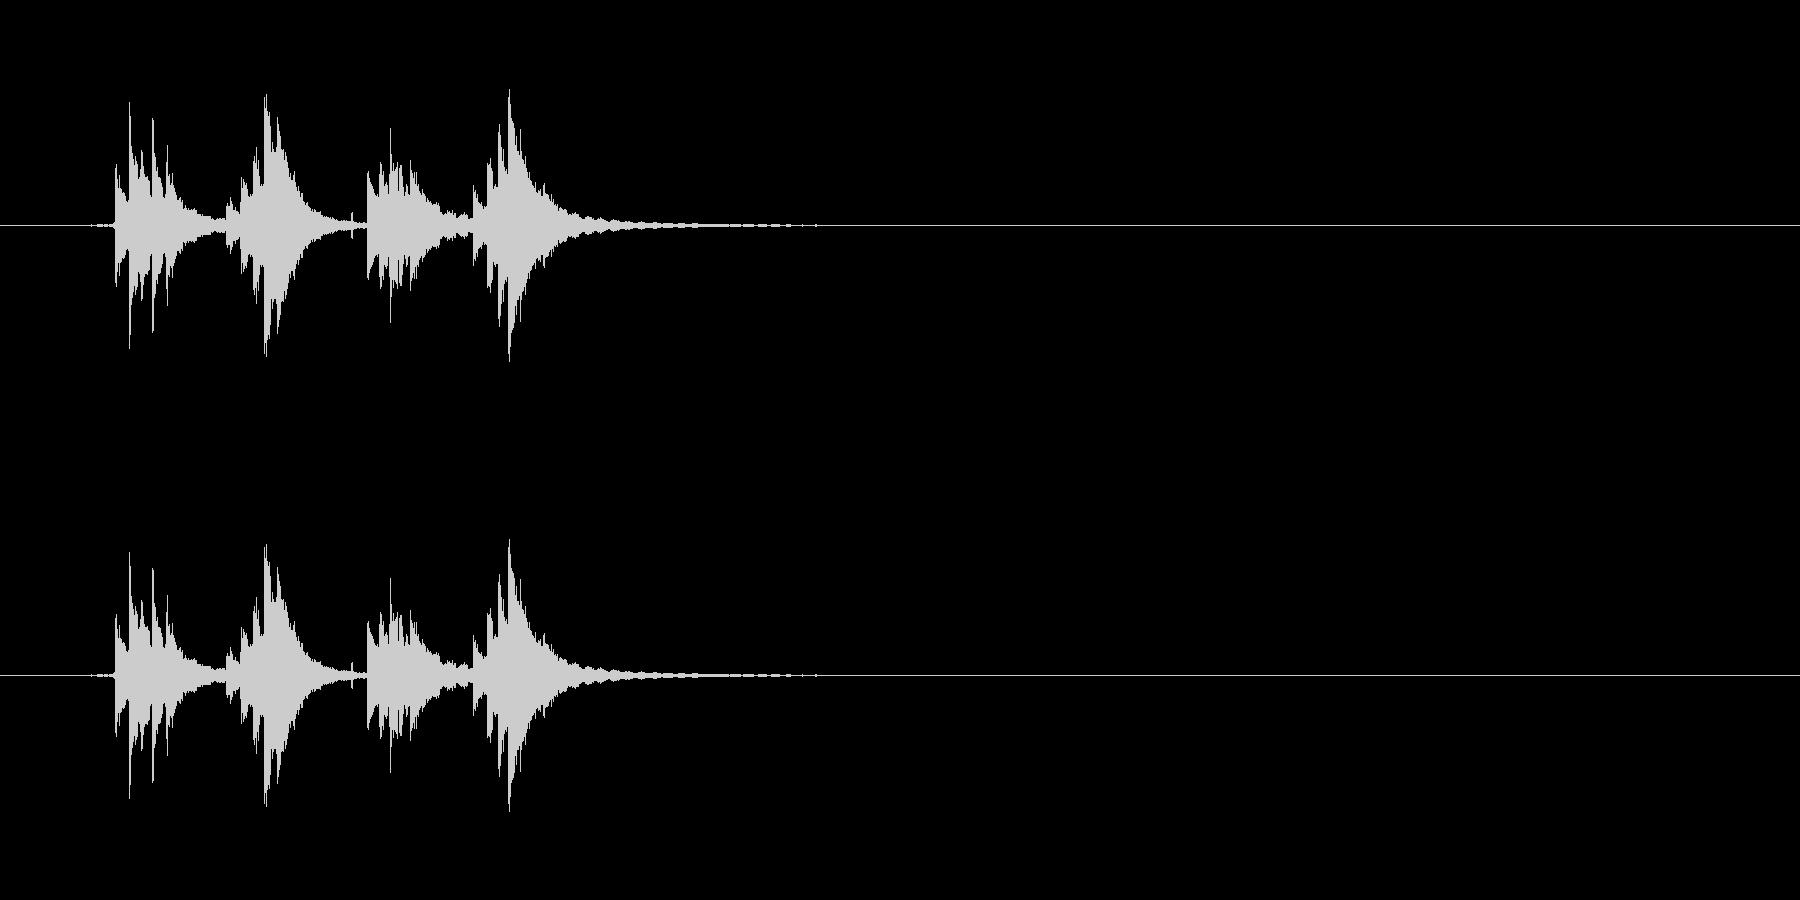 チリンチリーン1 自転車のベルの未再生の波形